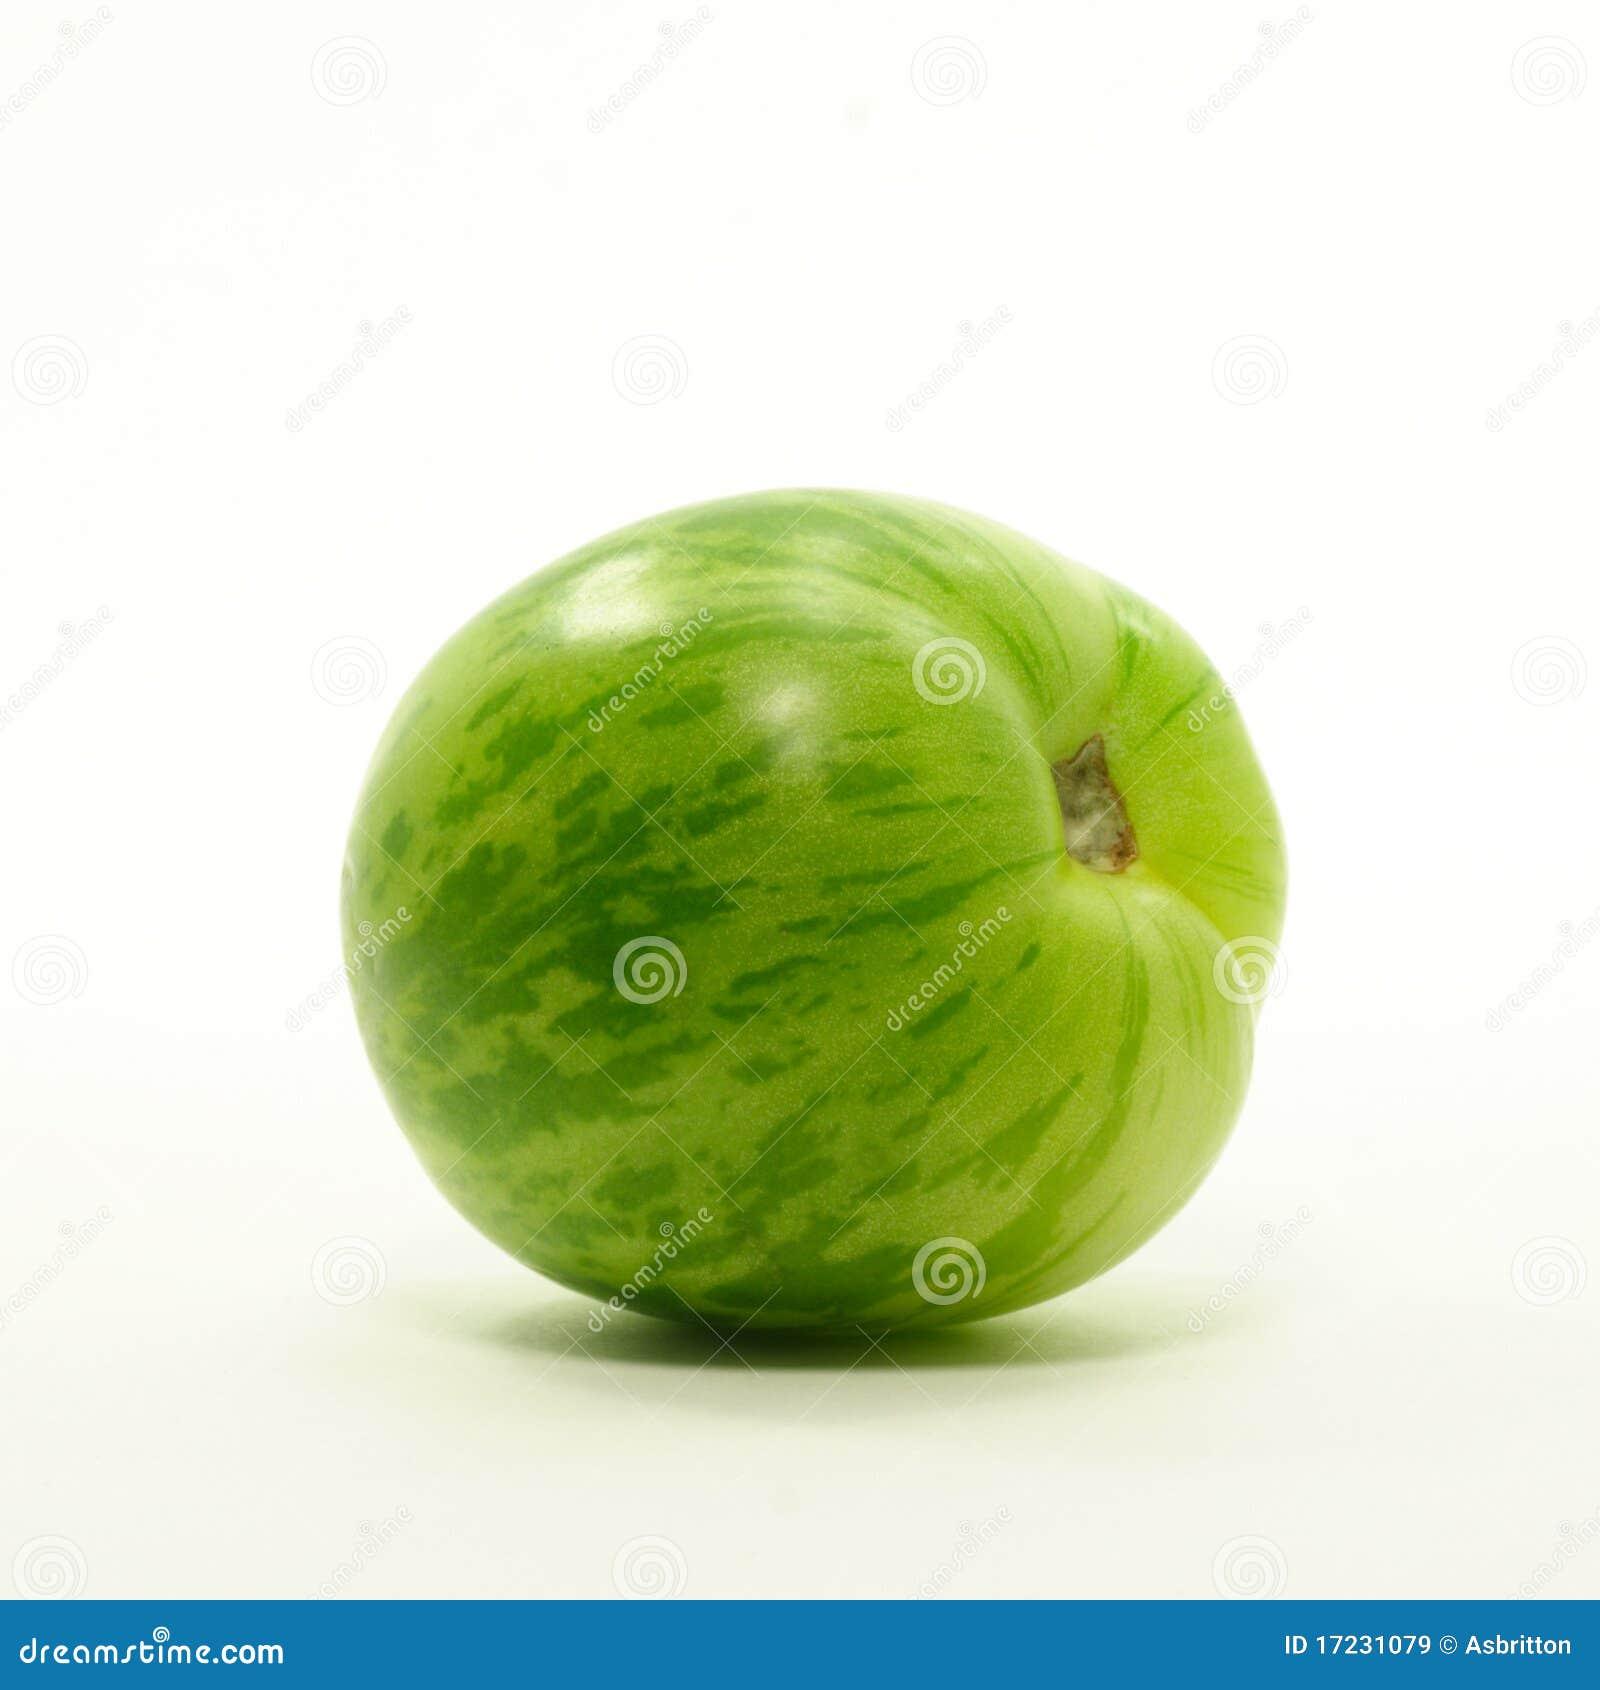 gestreifte grüne tomate lizenzfreie stockbilder - bild: 17231079, Wohnzimmer dekoo